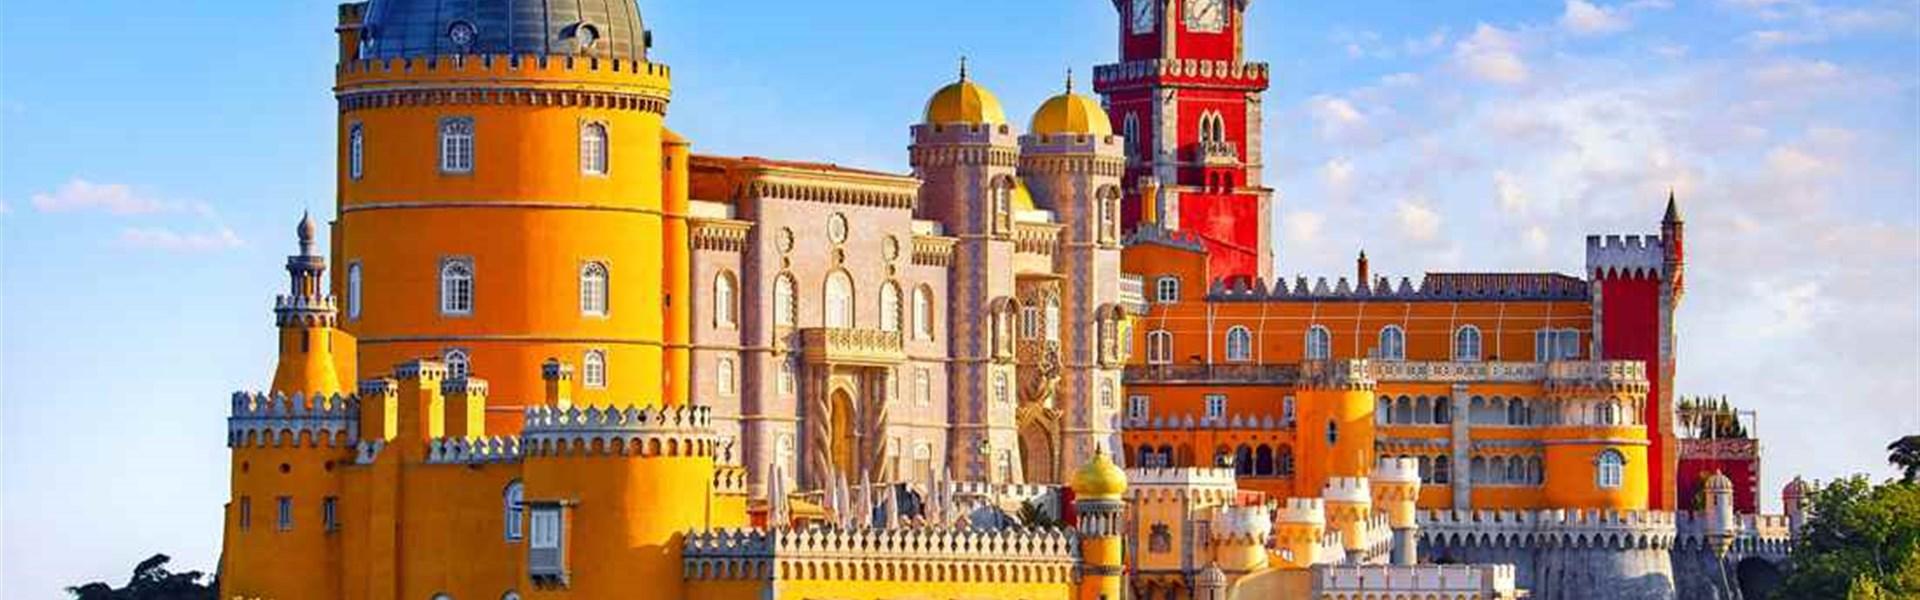 Prodloužený víkend s českým průvodcem: Lisabon - Fátima - Nazaré - Óbidos i Sintra -